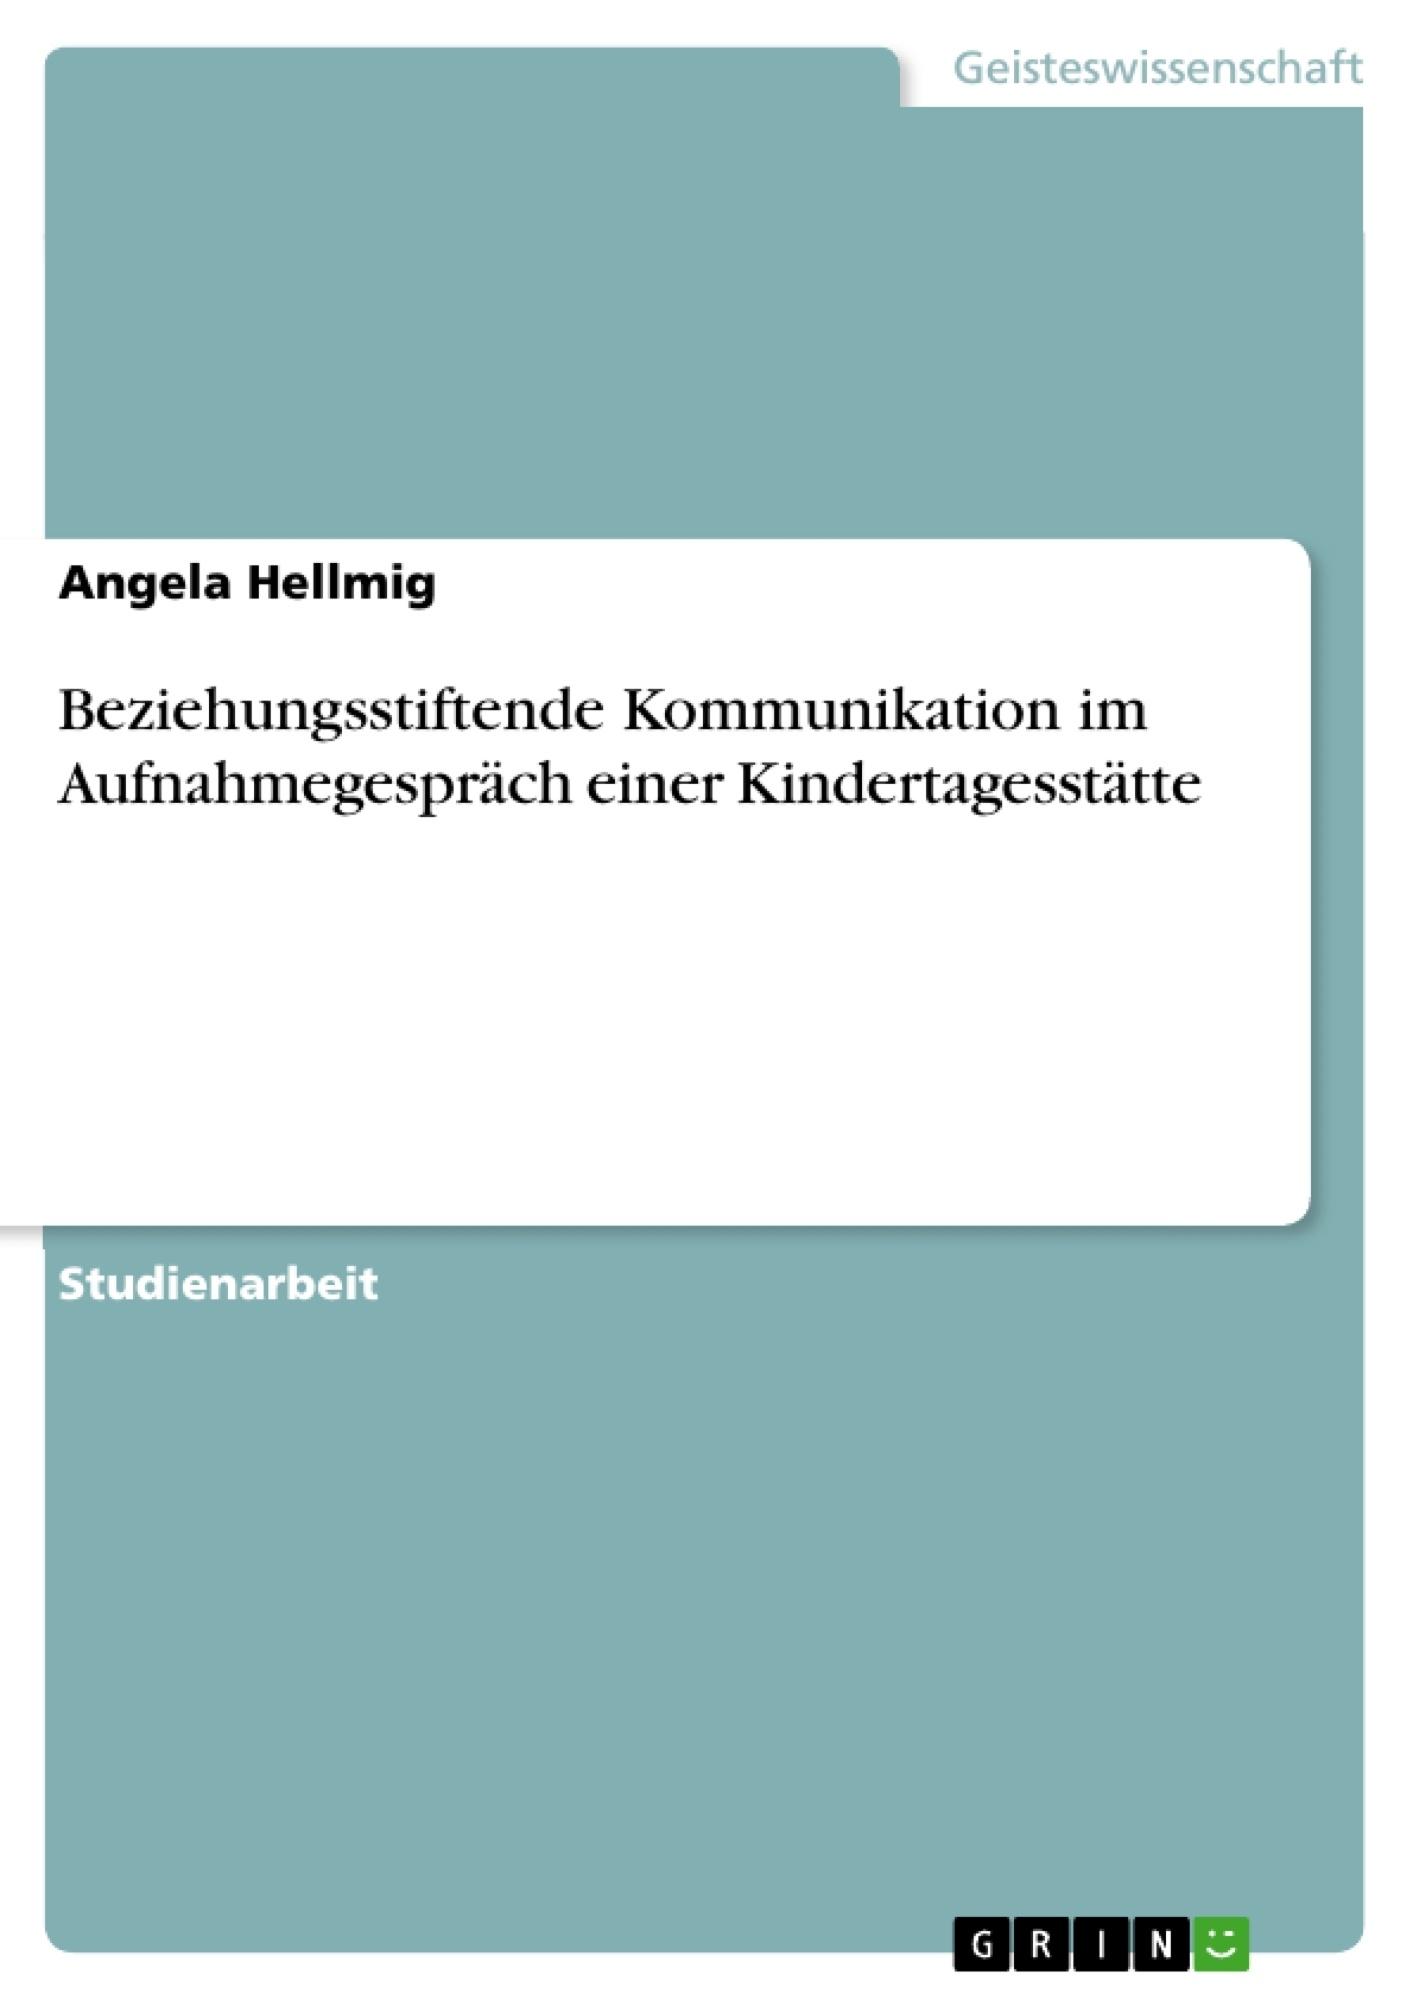 Titel: Beziehungsstiftende Kommunikation im Aufnahmegespräch einer Kindertagesstätte